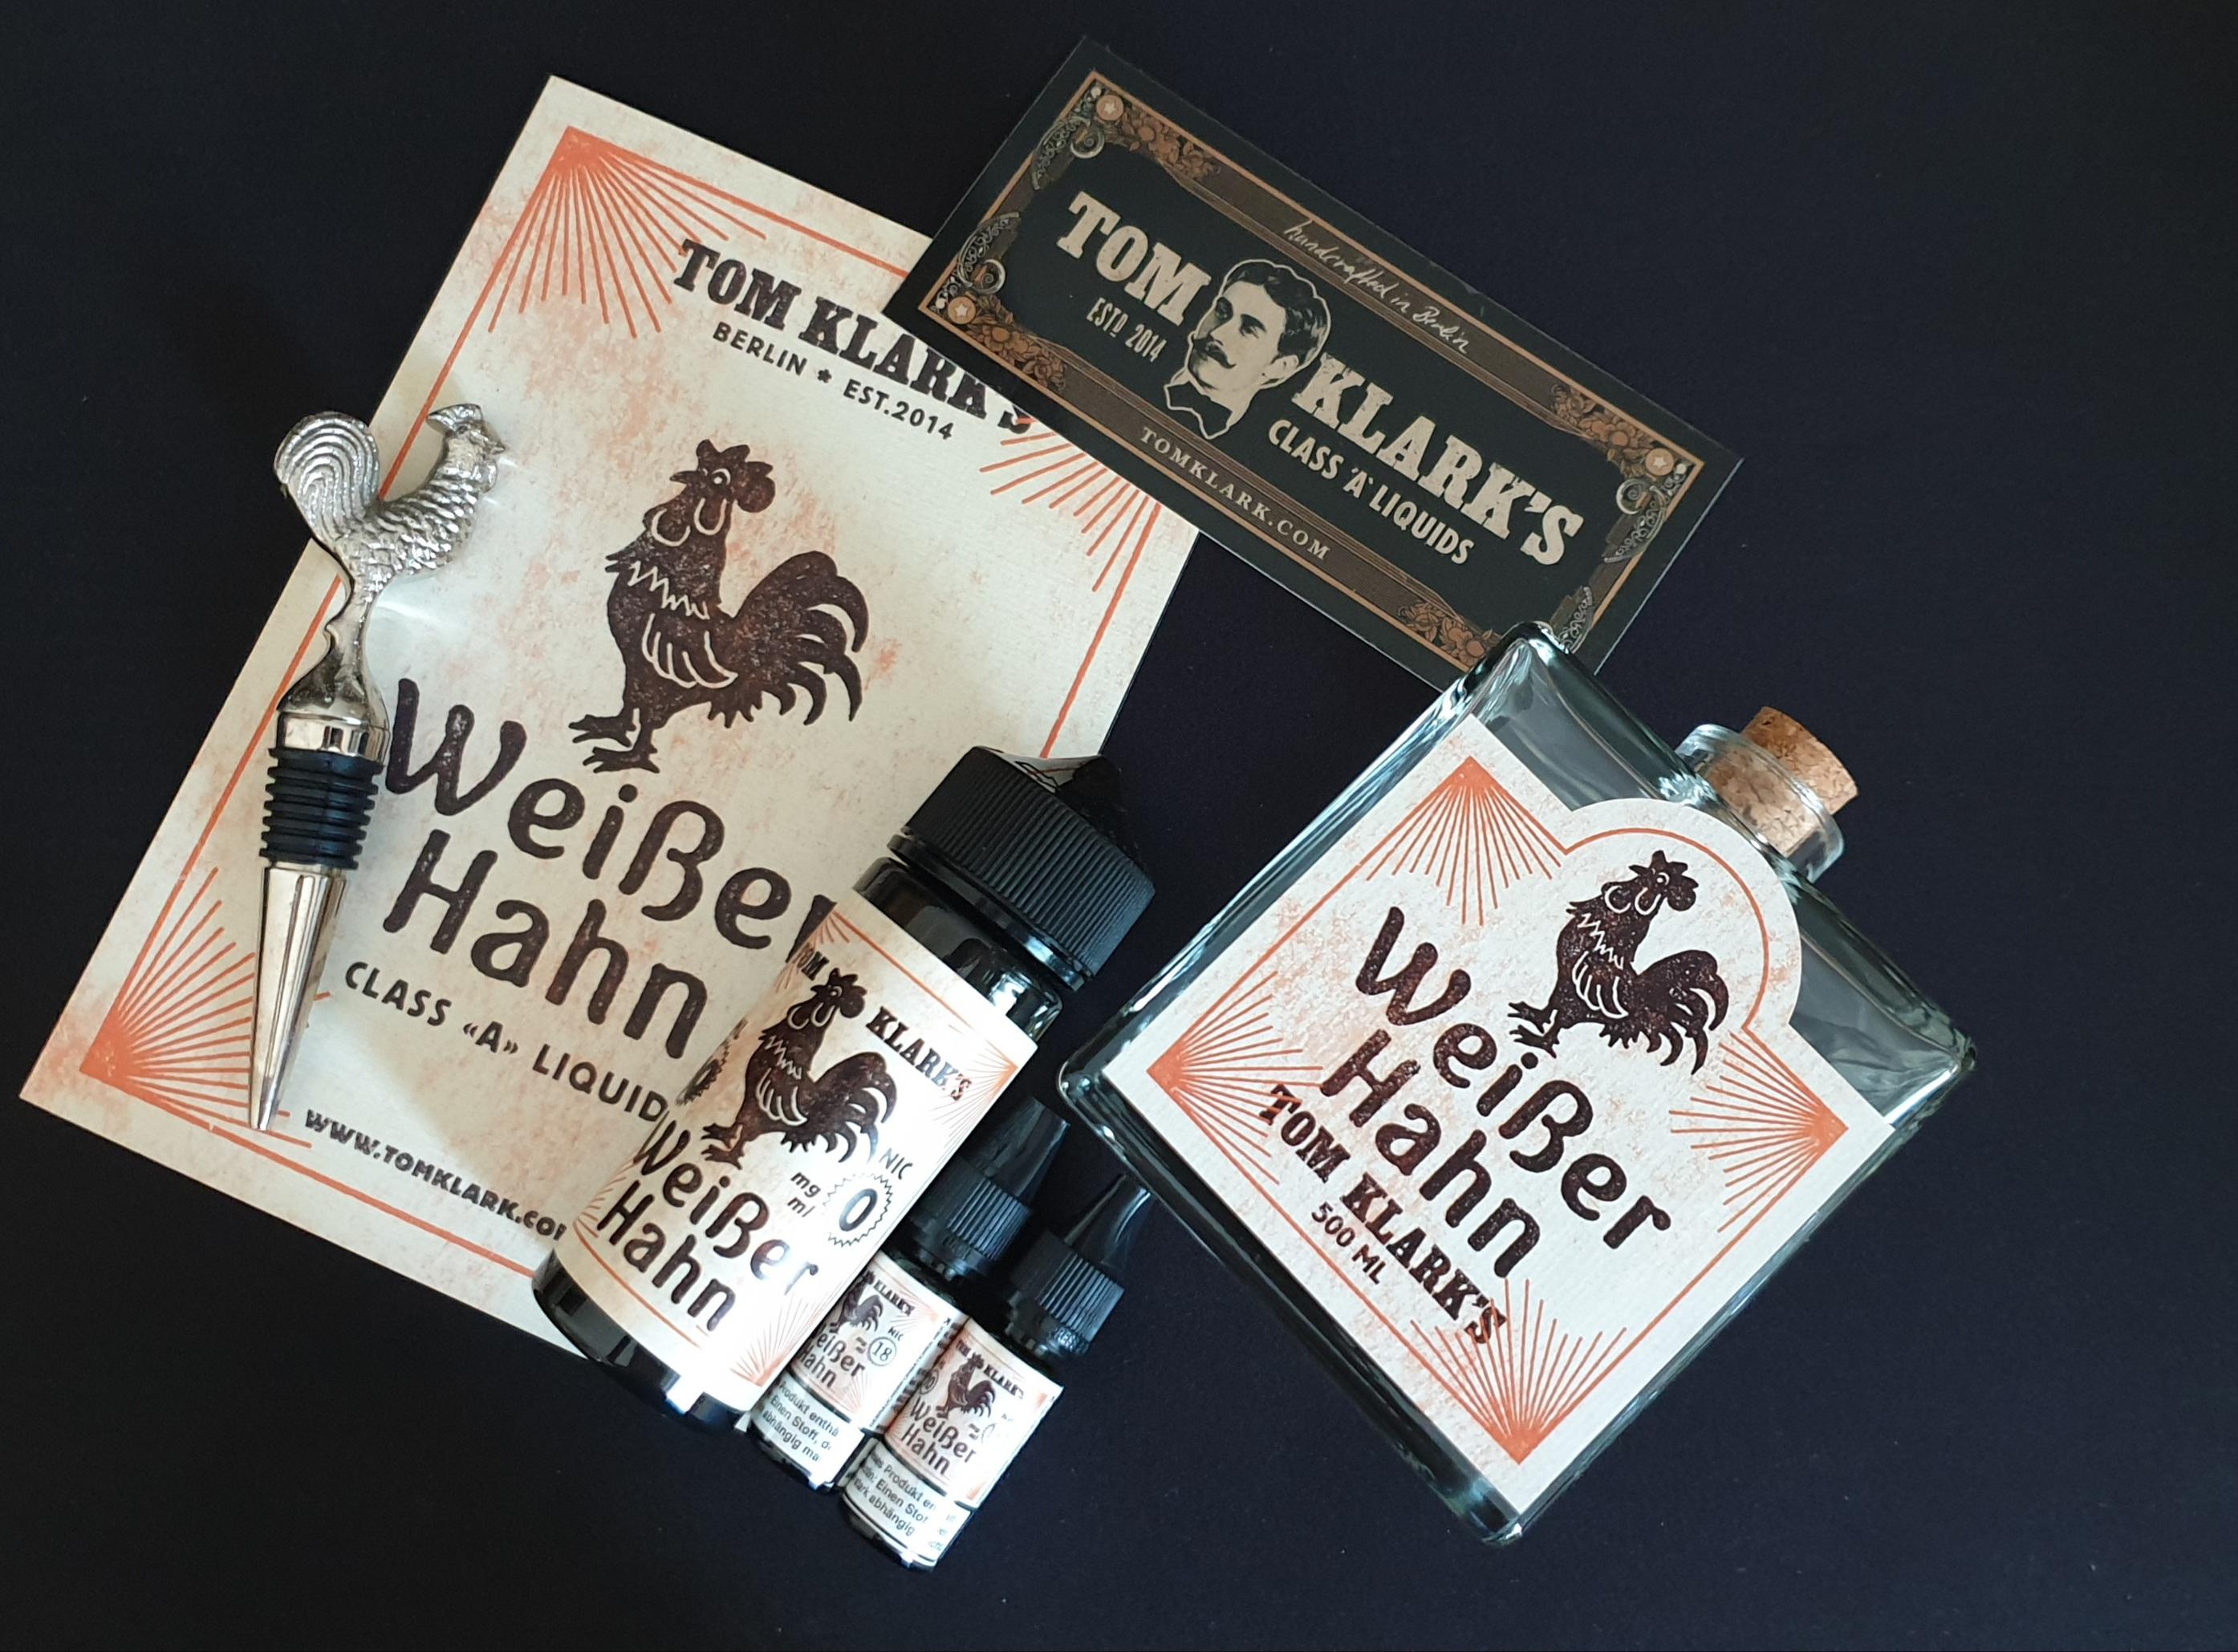 TOM KLARK Weißer Hahn *Special* 120ml 3mg inkl. Design Glasflasche